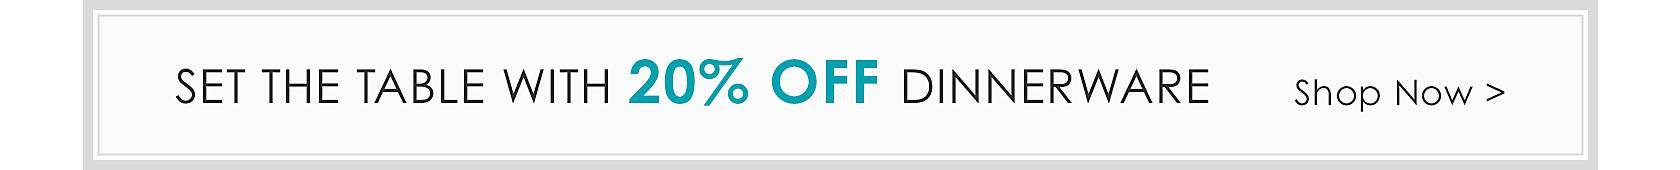 20% Off Dinnerware - Shop Now